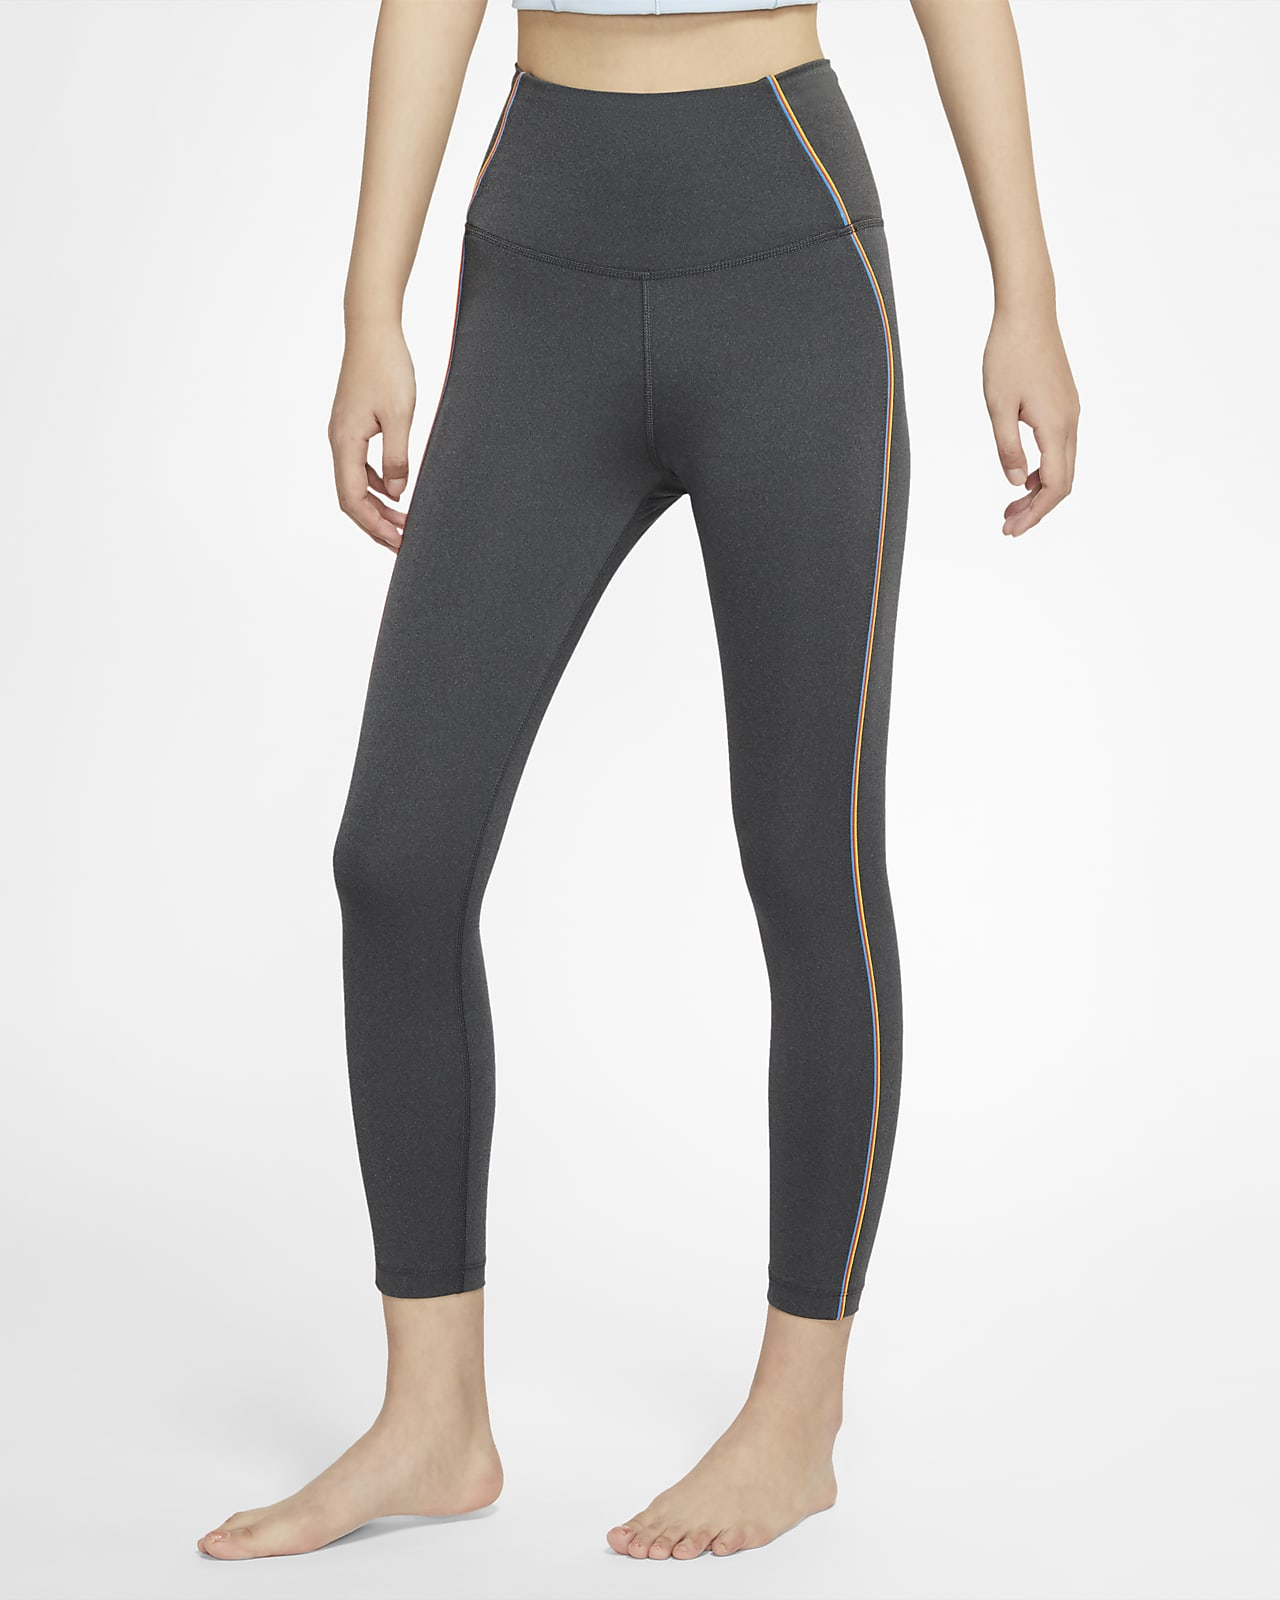 กางเกงรัดรูปผู้หญิง 7 ส่วน Nike Yoga